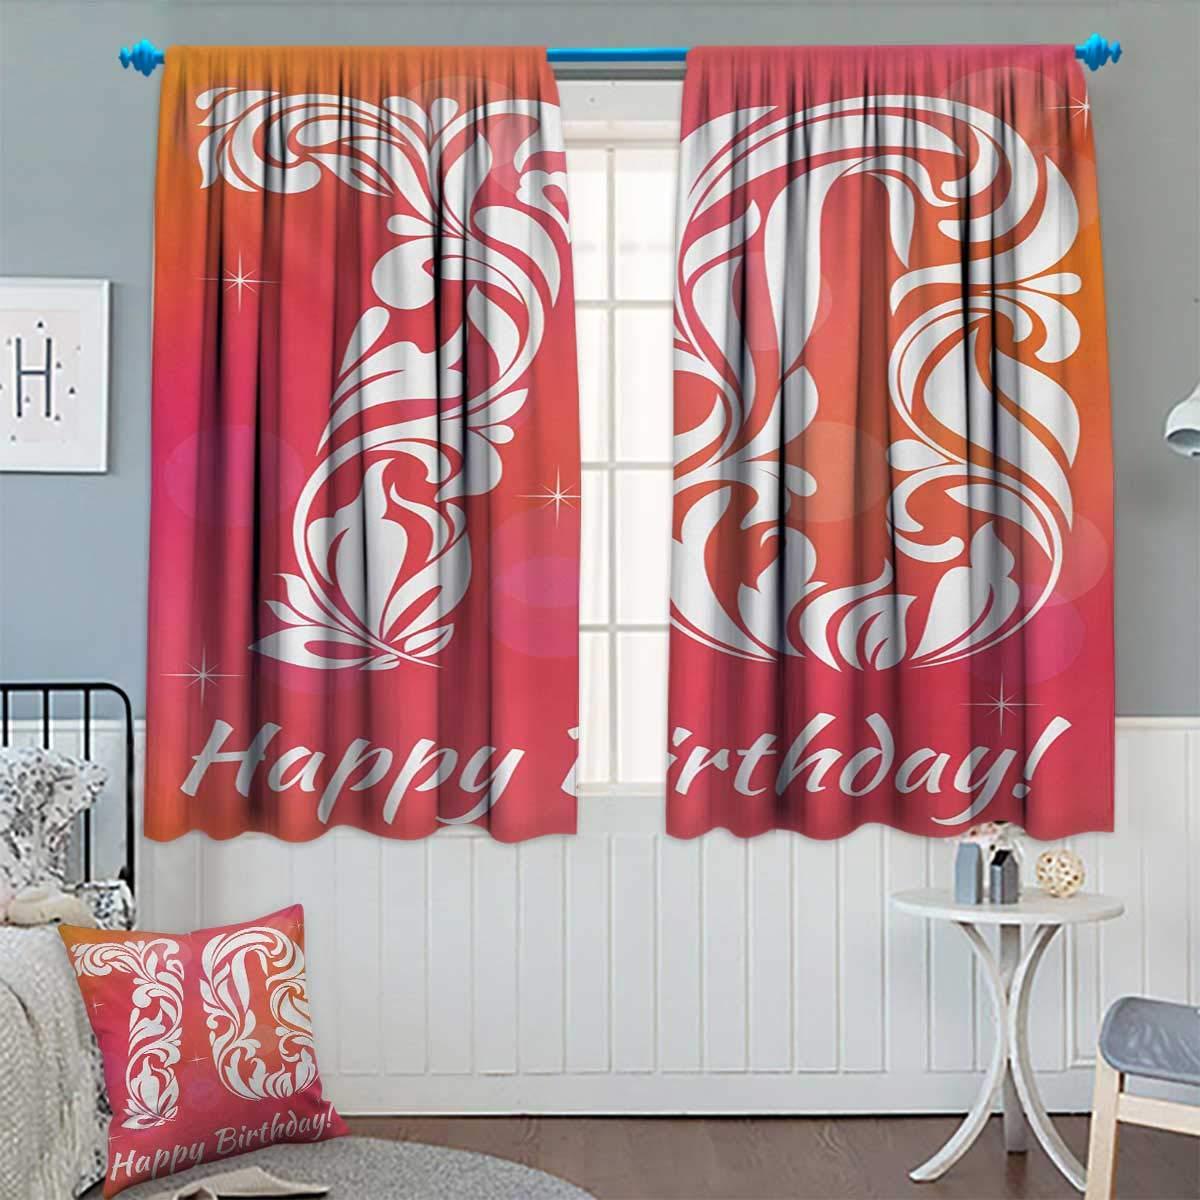 Amazon.com: Cortina para ventana, diseño de 70 cumpleaños ...